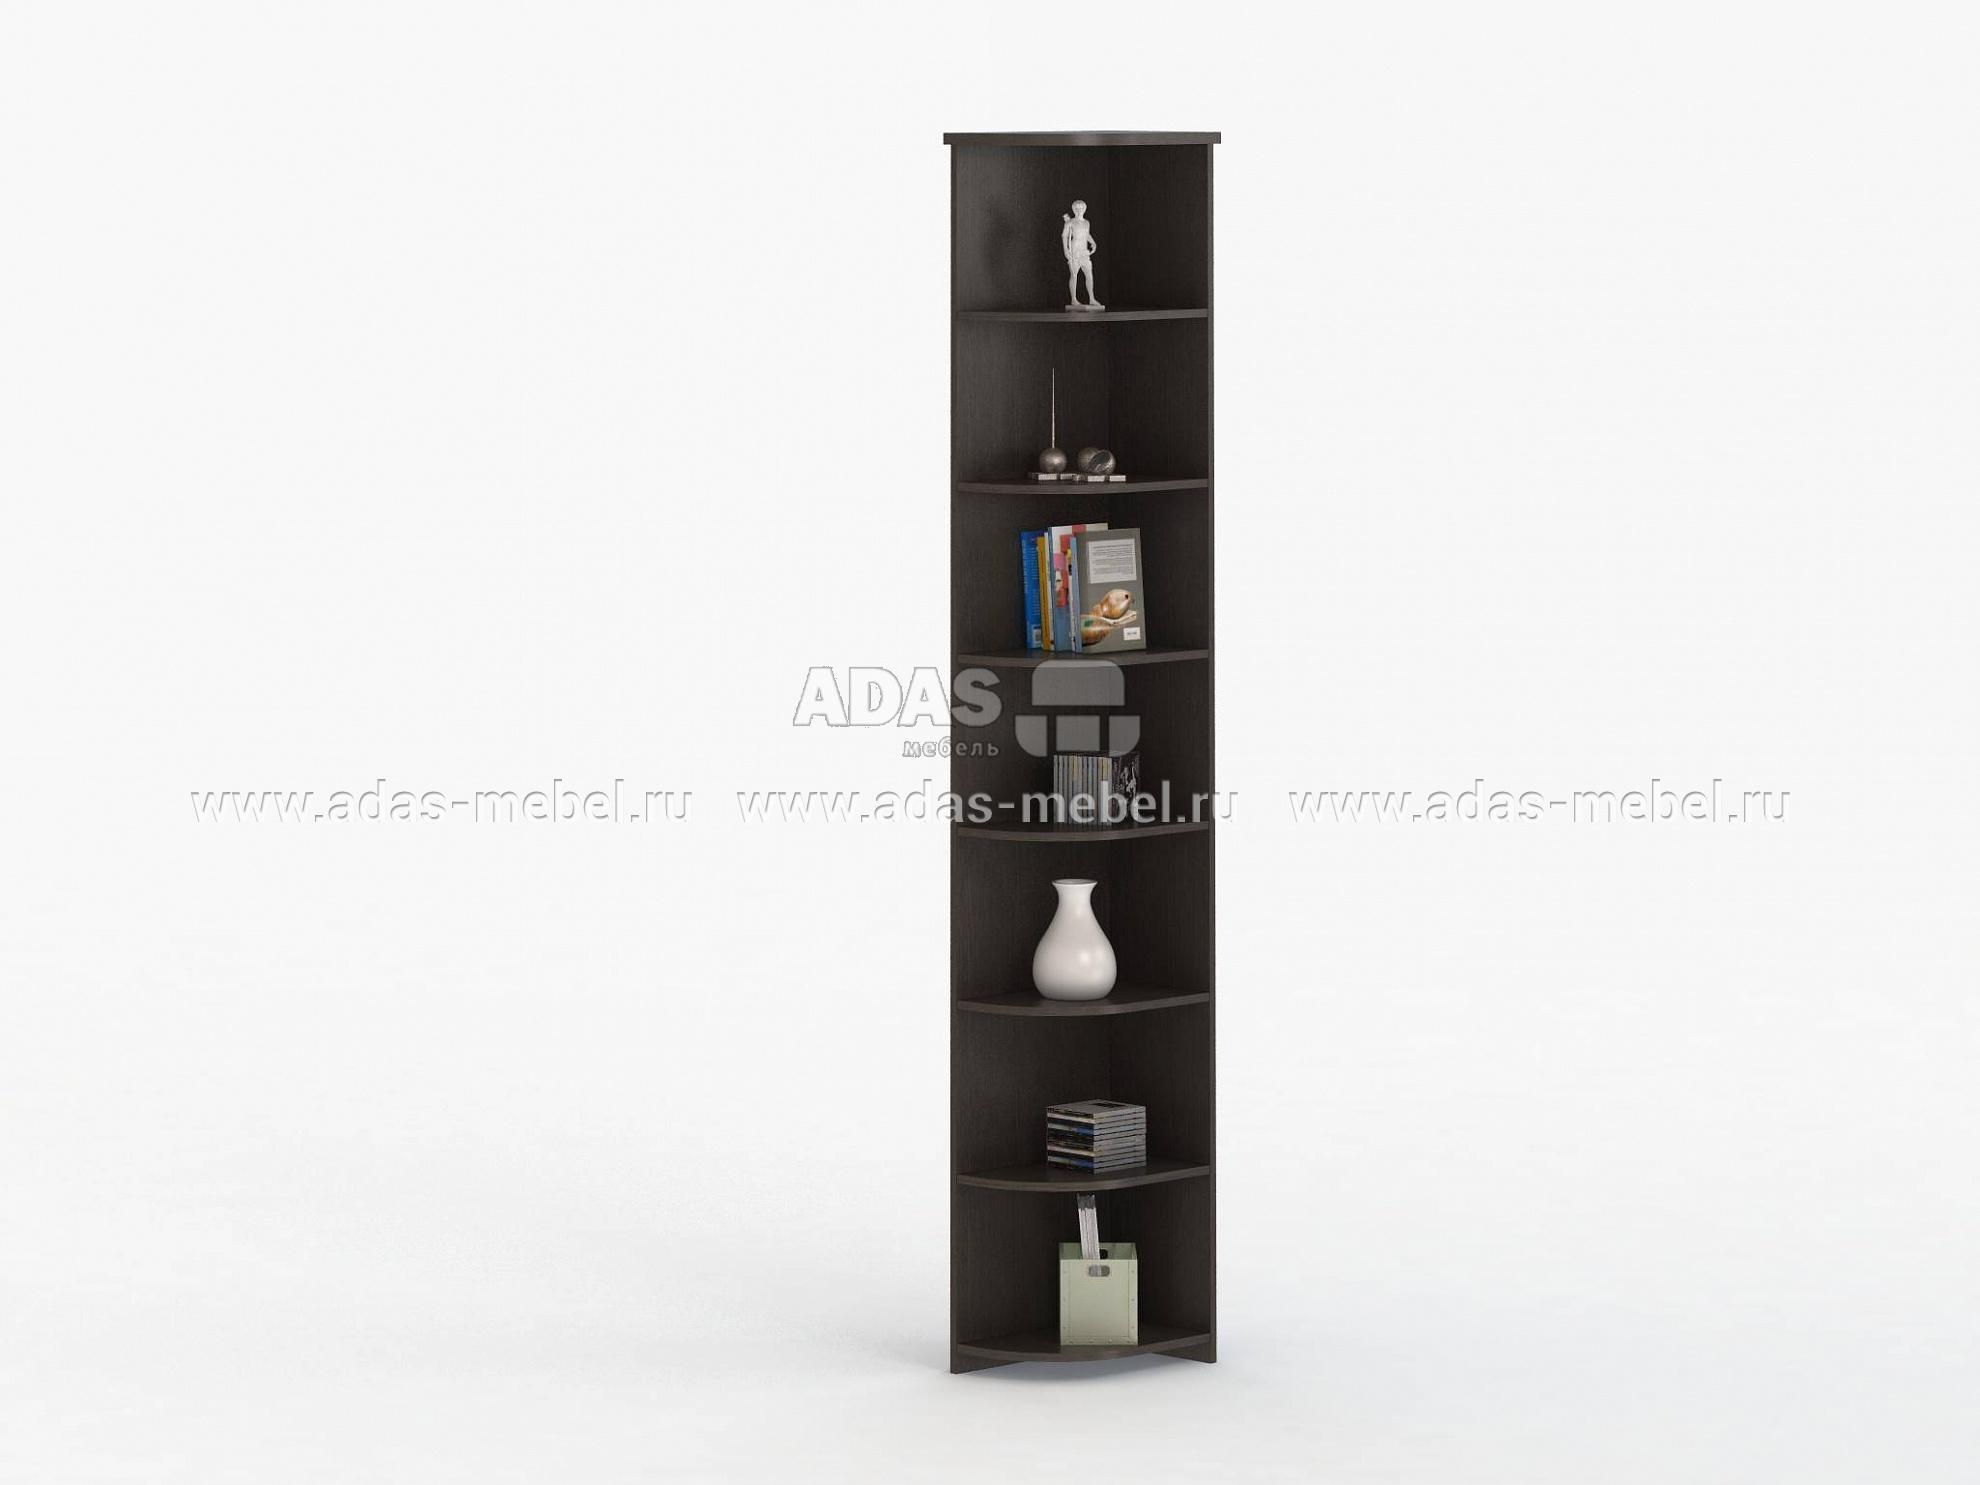 Стеллаж угловой соло 006 дешево от фабрики васко в интернет .